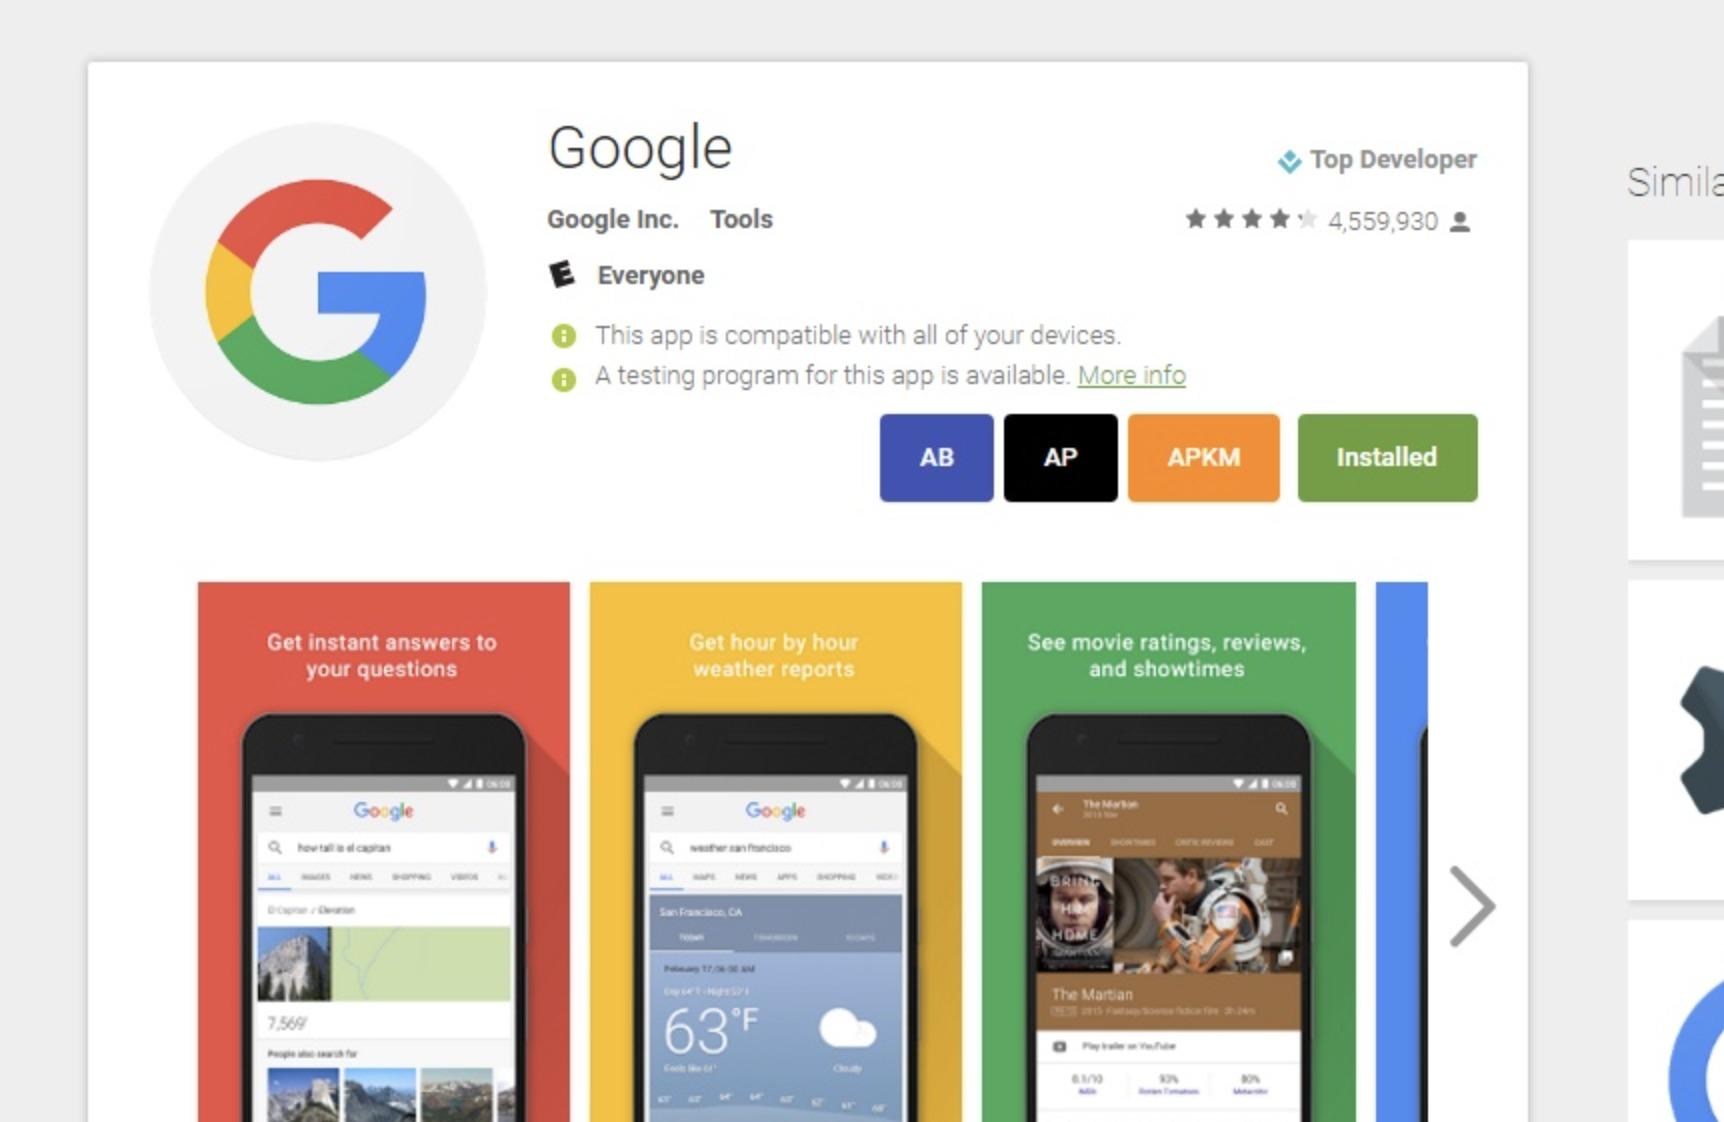 Toolbox for Google Play Store gir direktenedlasting av .apk-filer og gir deg kjapp mulighet til å bli med i beta-test-programmet til apper.